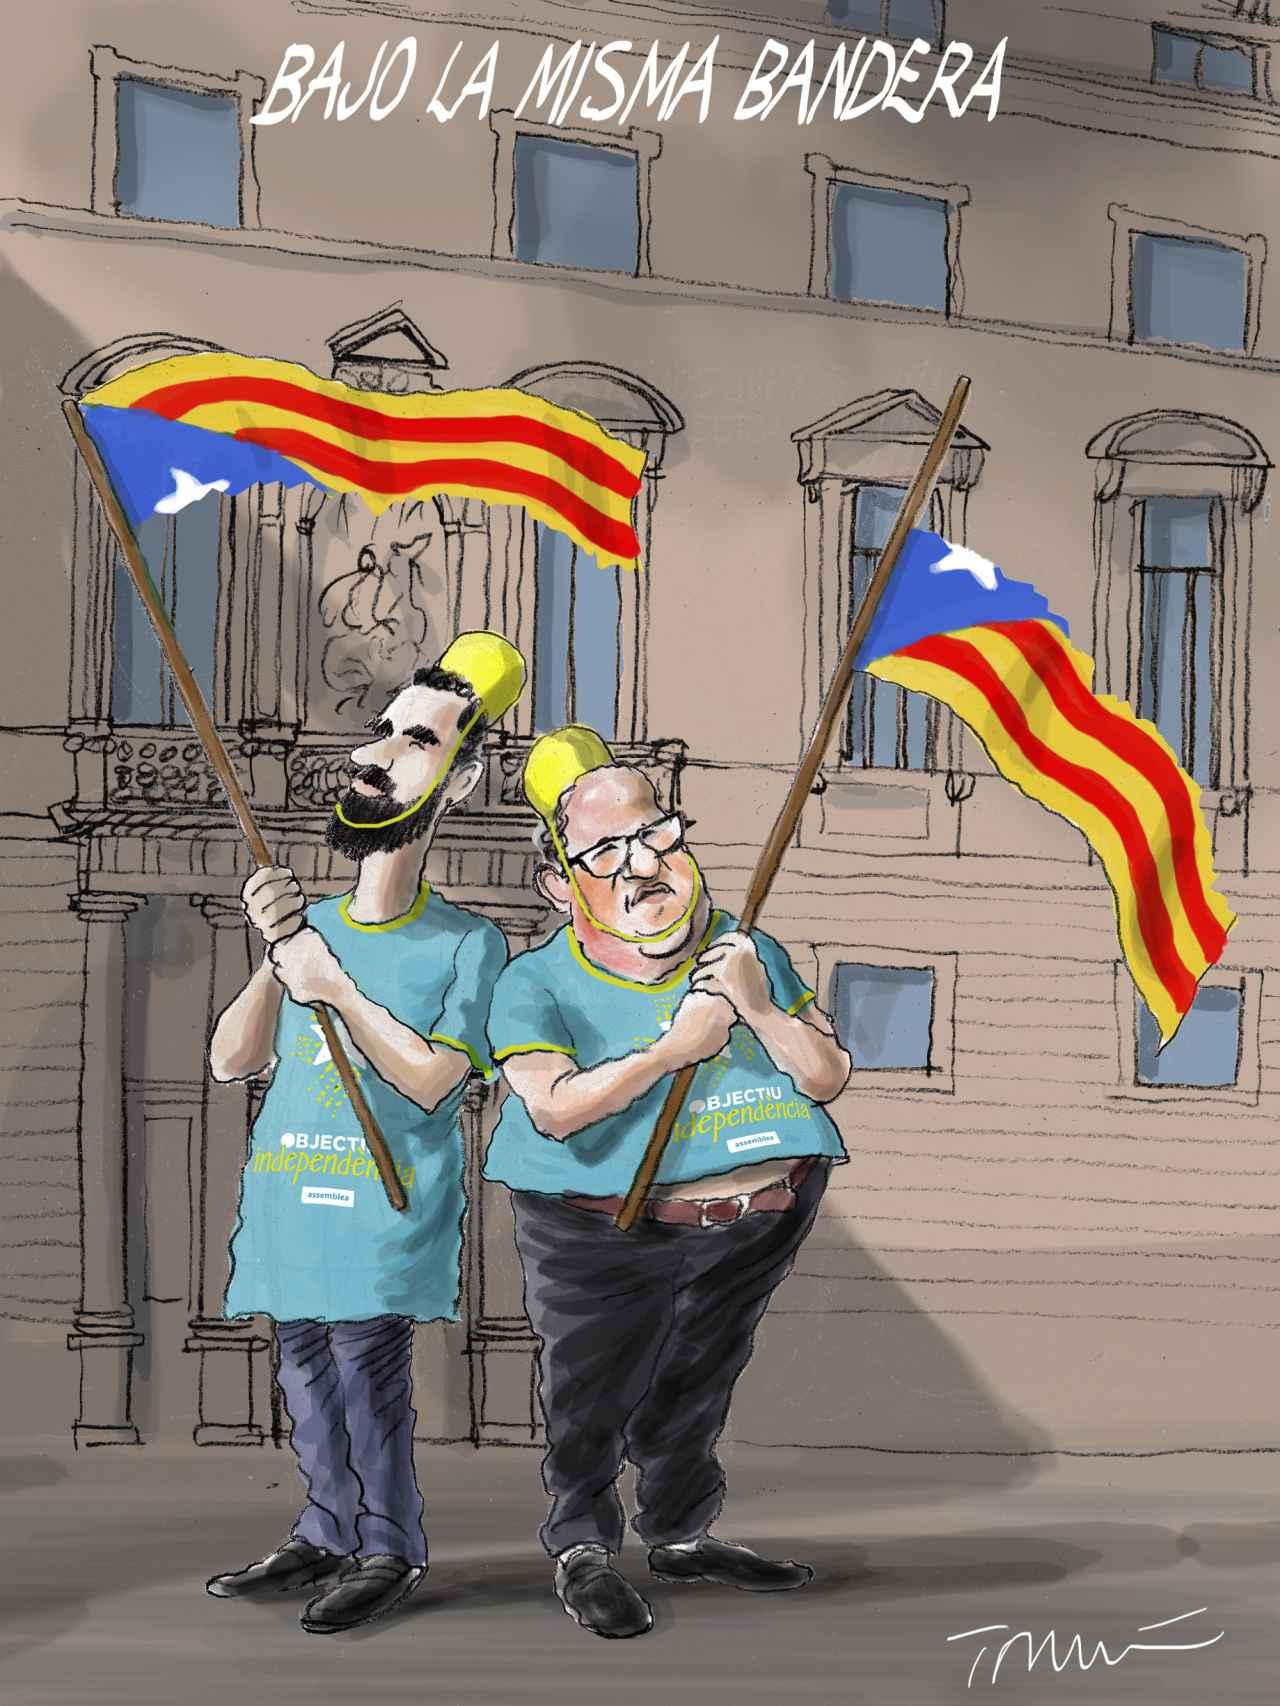 Bajo la misma bandera